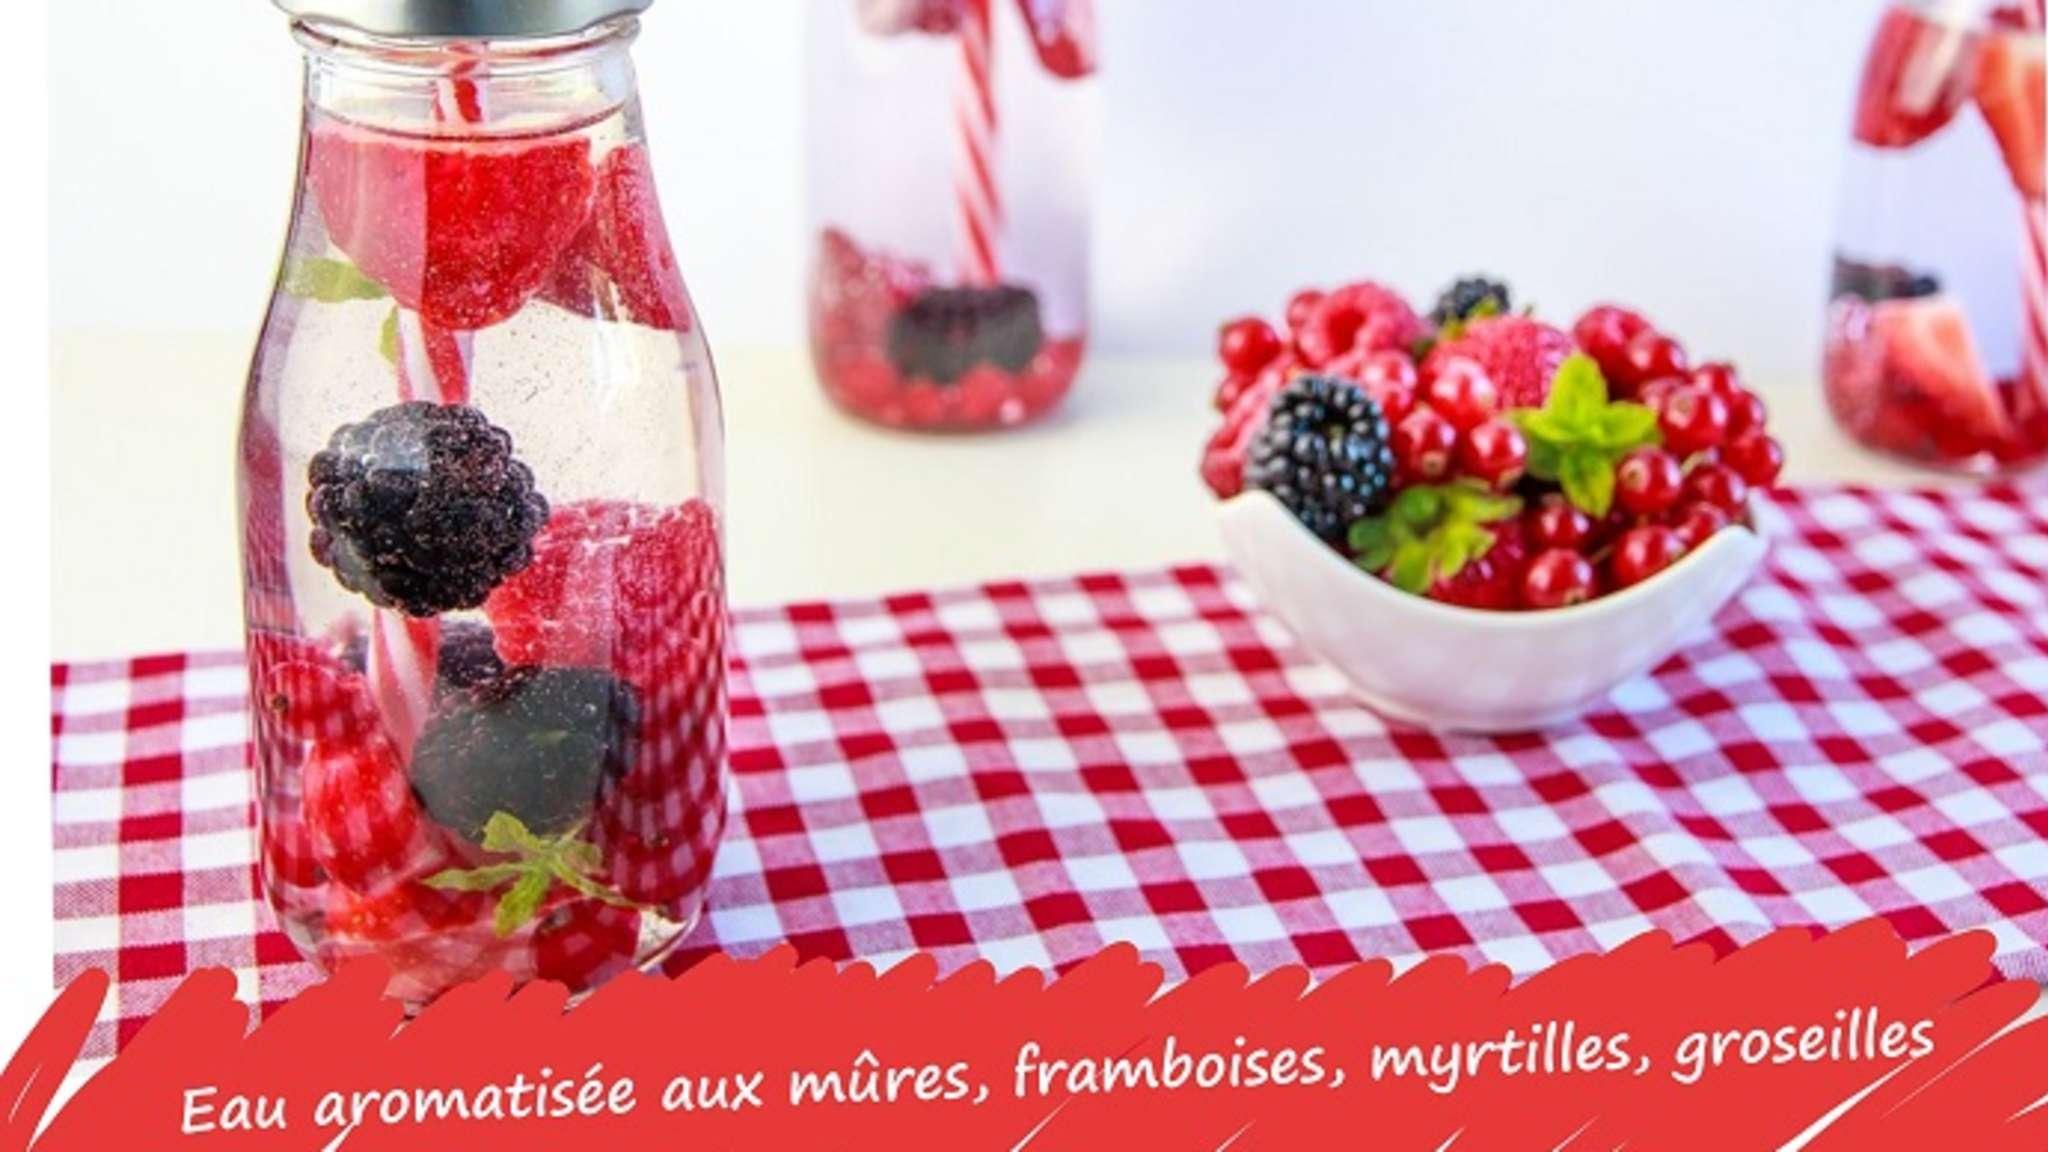 Eau aromatisée aux mûres, myrtilles ou groseilles, verveine et citron